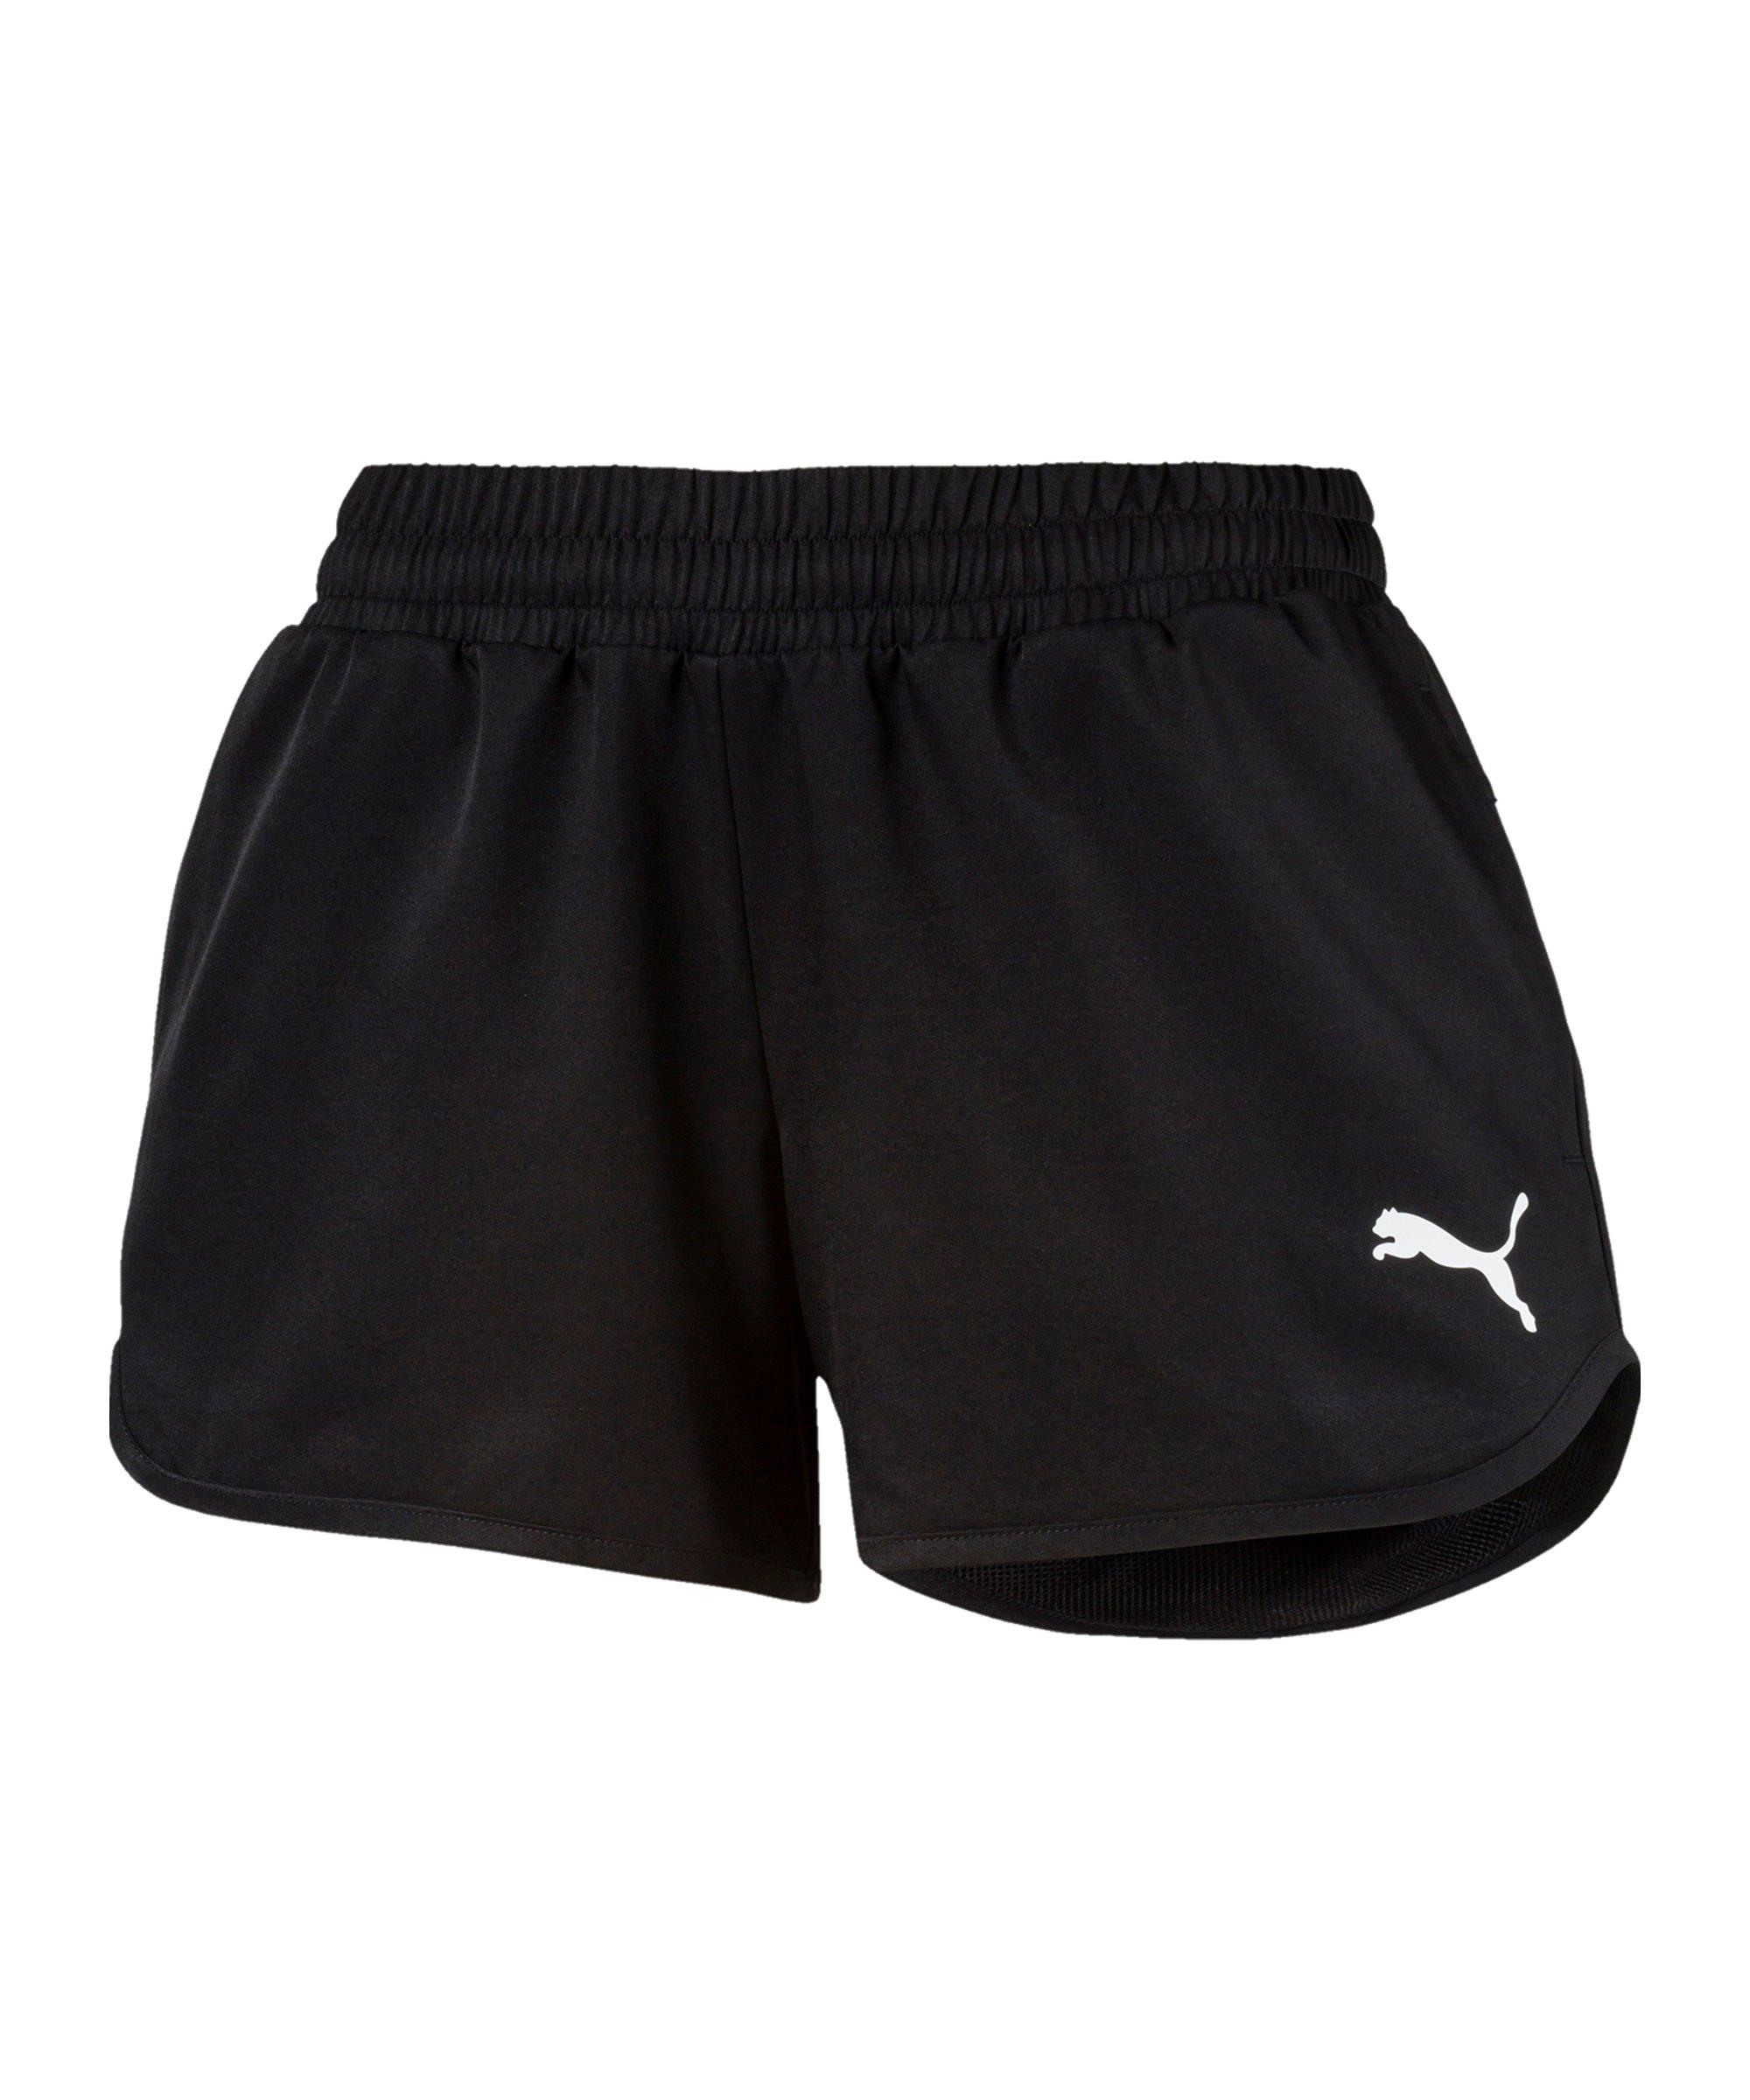 PUMA Active Woven Shorts Damen Schwarz F01 - schwarz